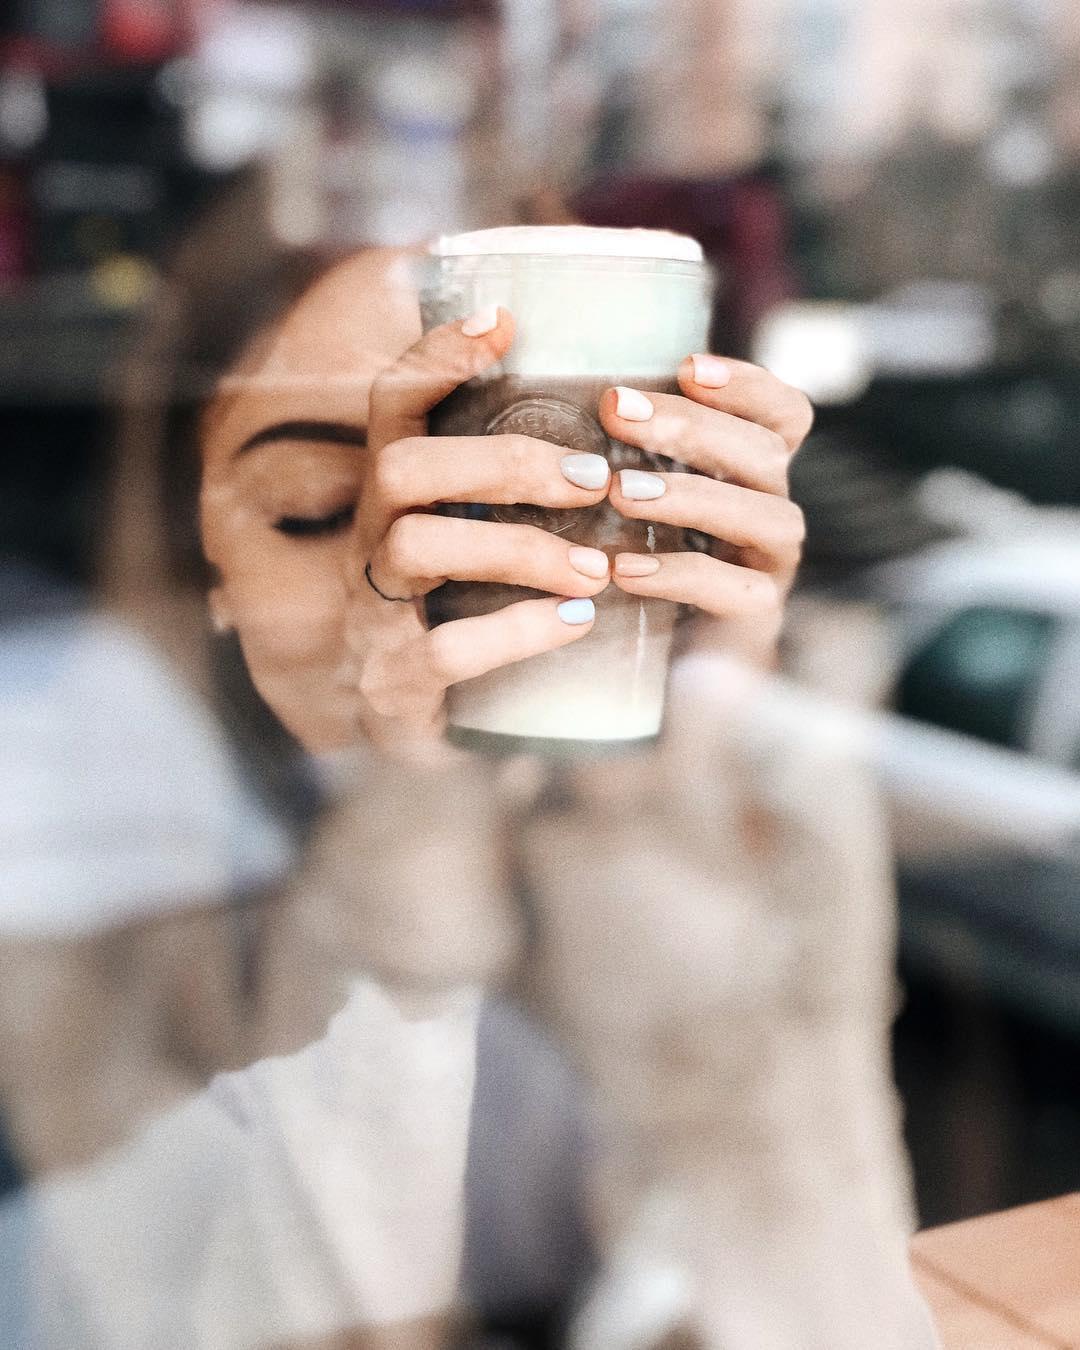 Как фотографировать ногти правильно с бликами